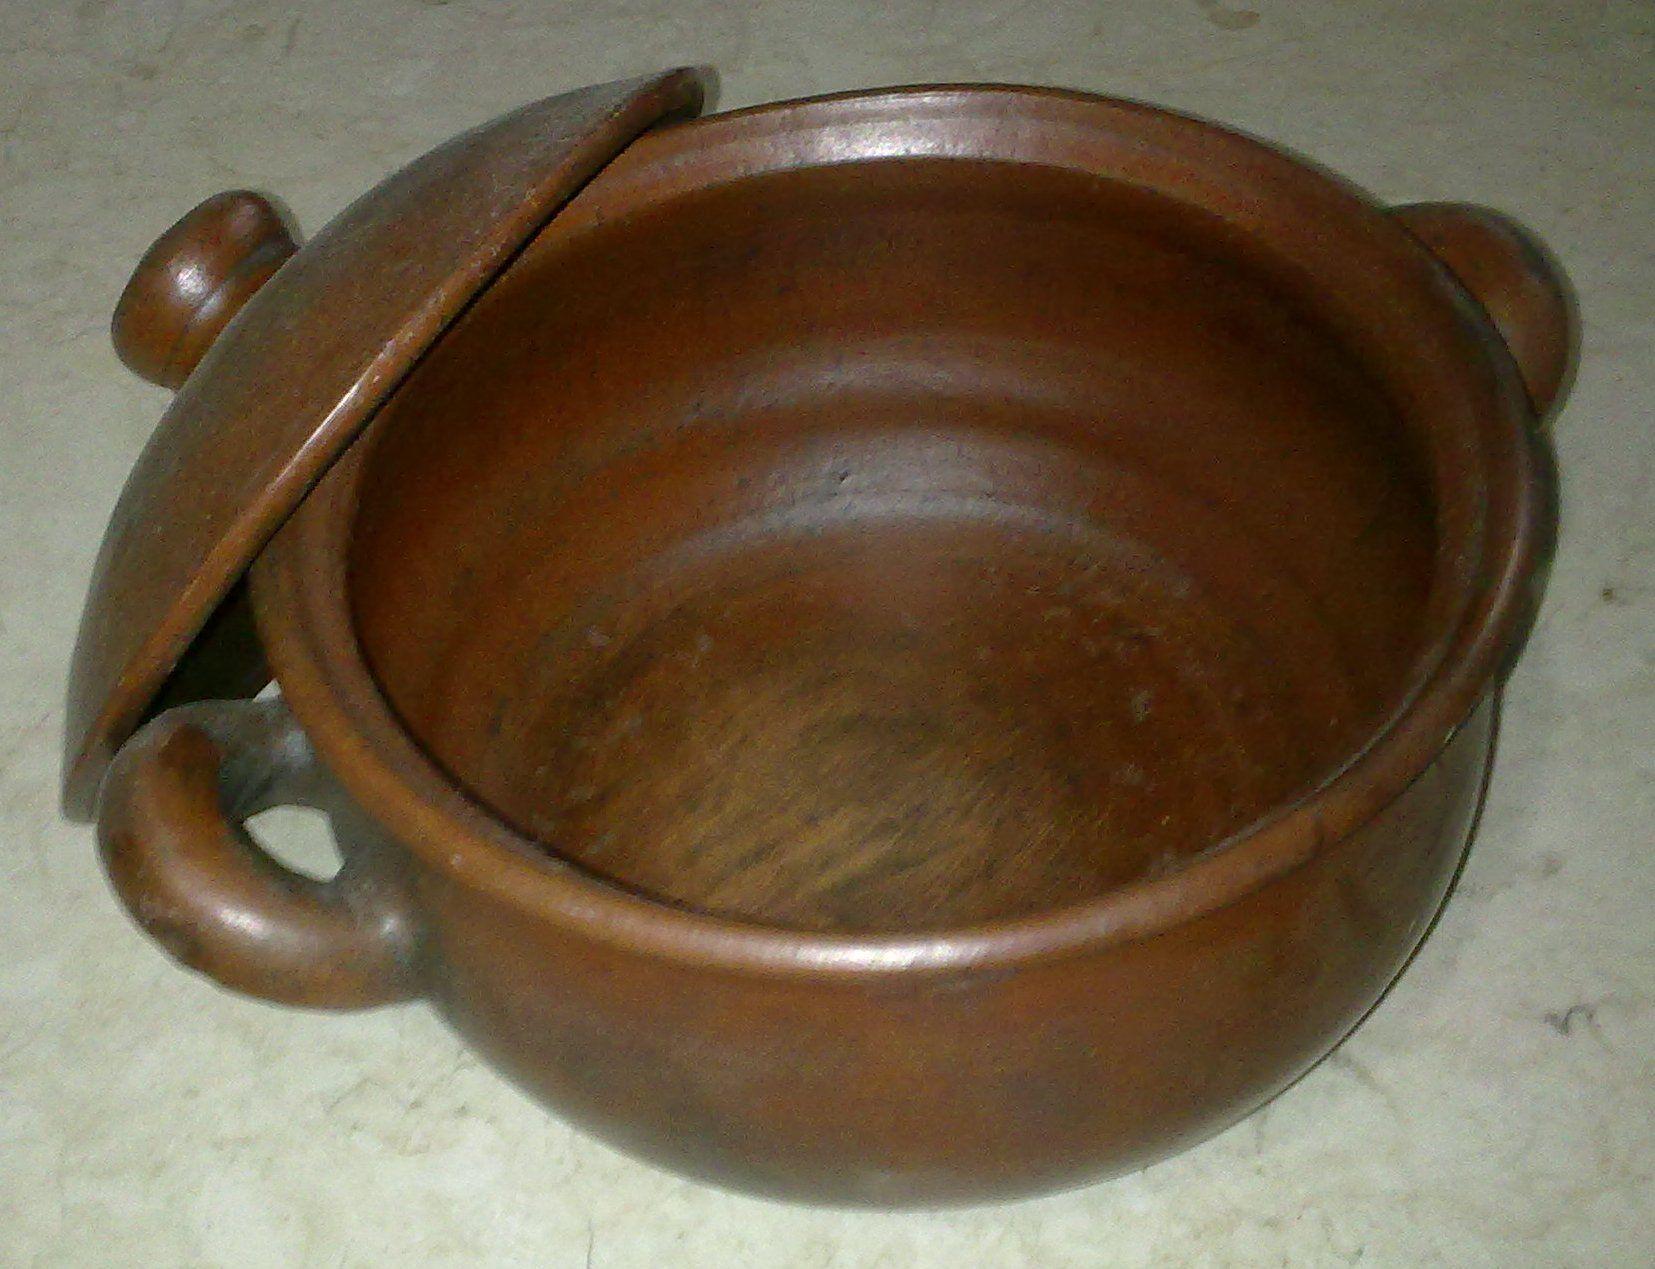 KUALI, alat untuk memasak yang berkuah Asian kitchen